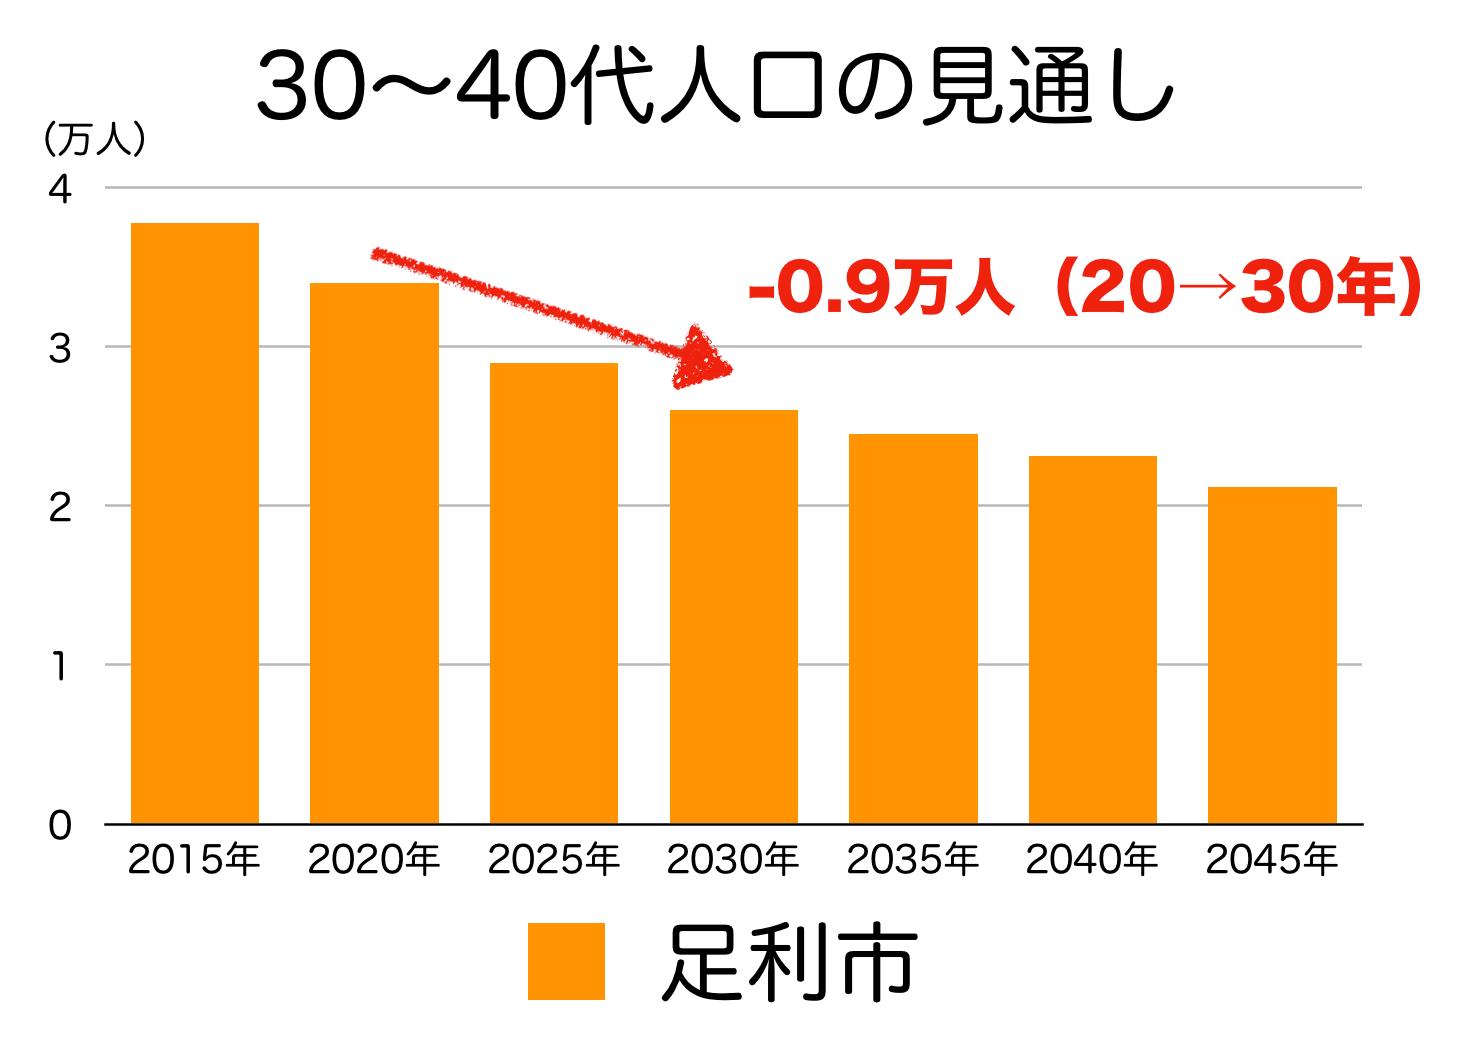 足利市の30〜40代人口の予測